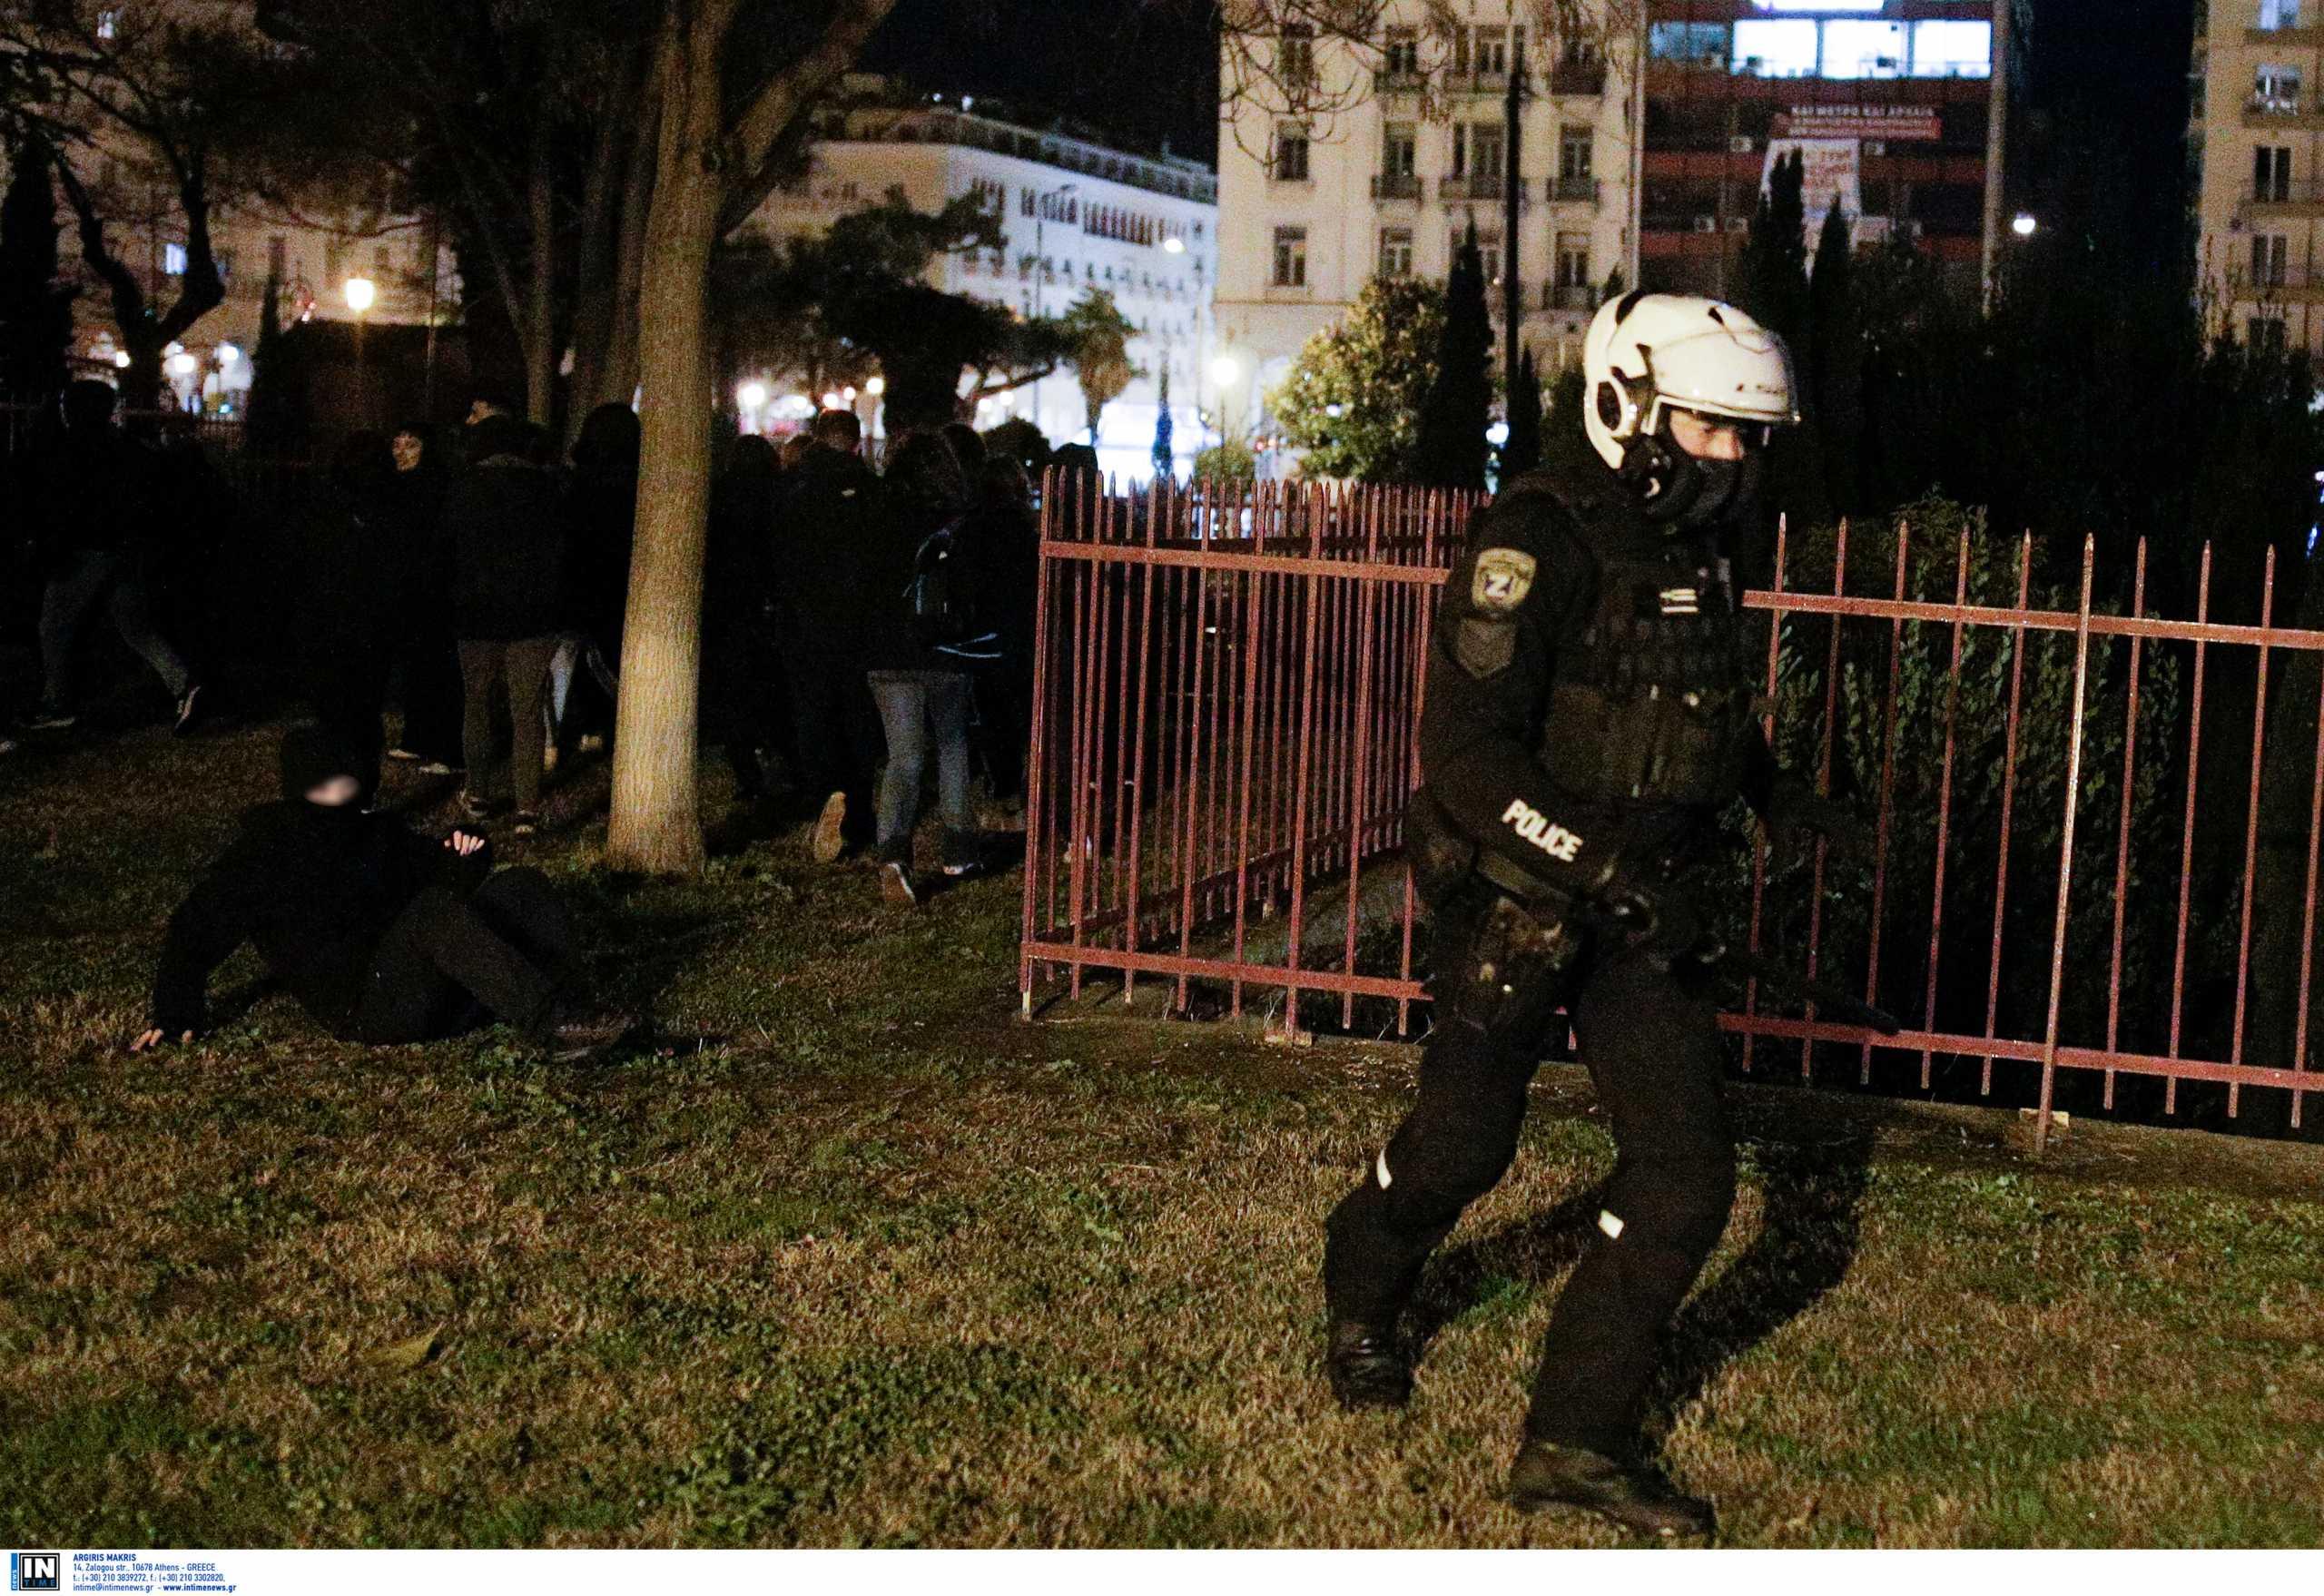 Θεσσαλονίκη: Ελεύθερος ο νεαρός που είχε συλληφθεί για τα χθεσινά επεισόδια